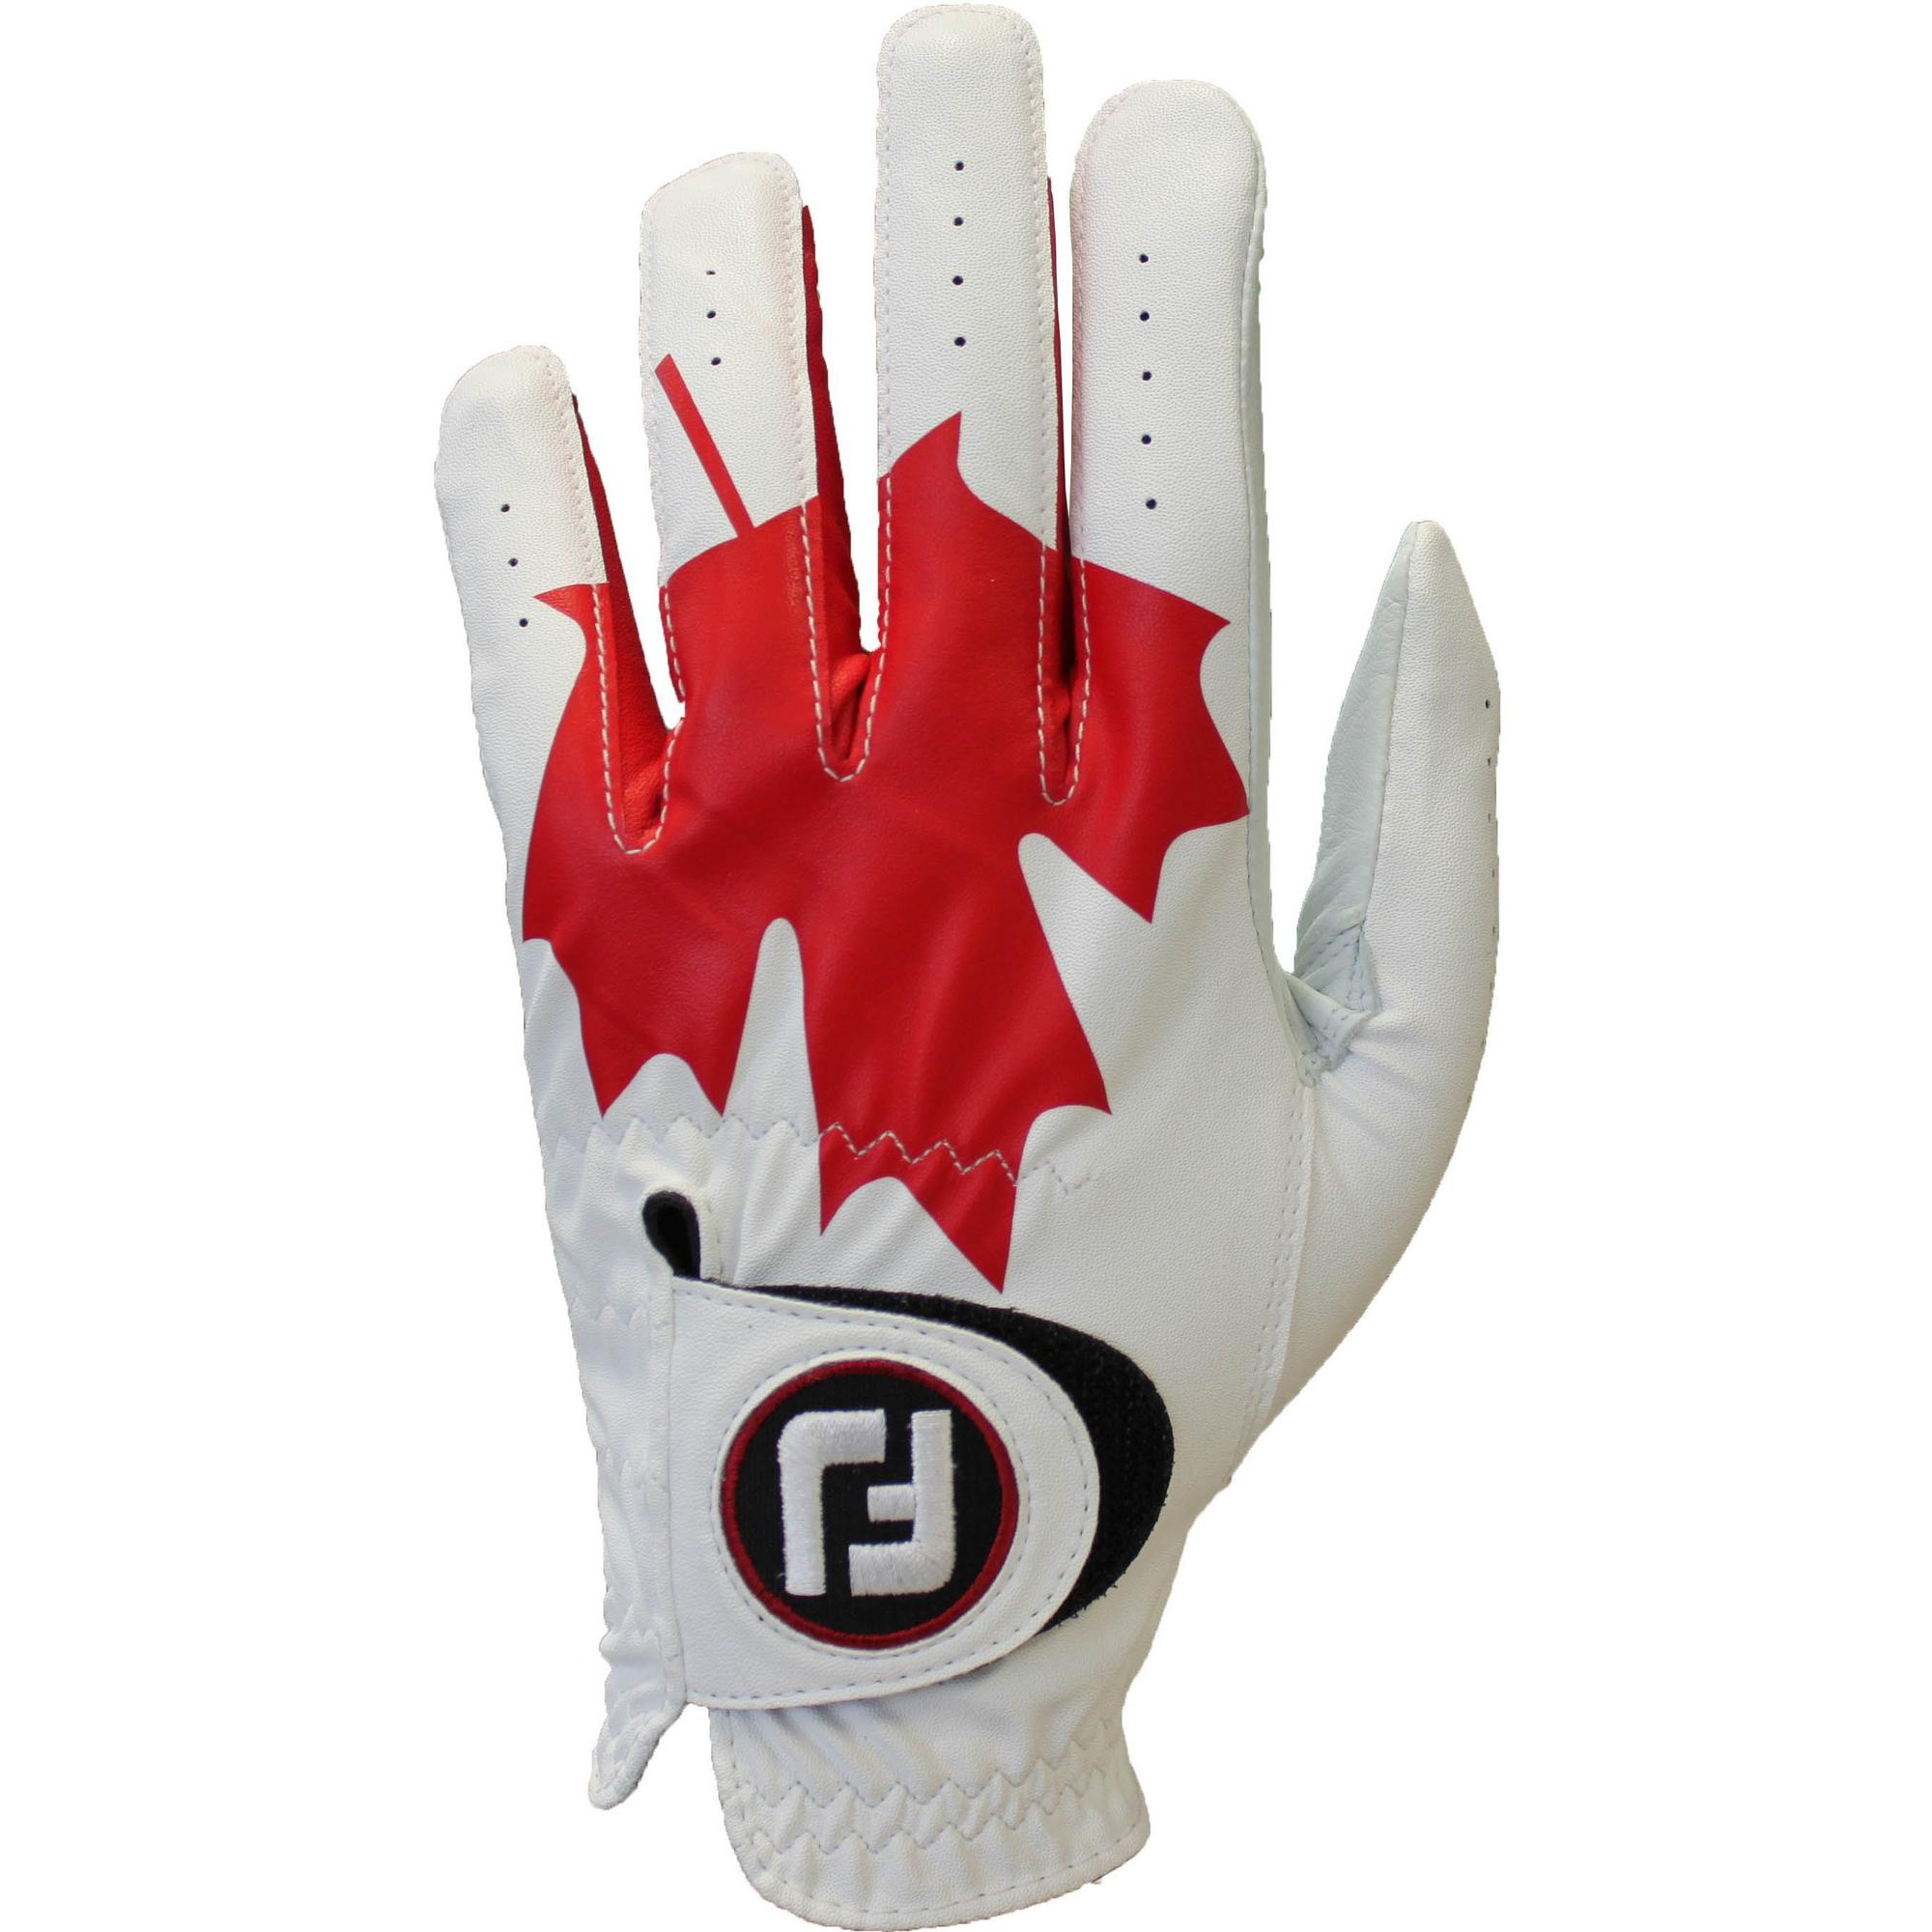 2018 Spectrum Canada Golf Glove